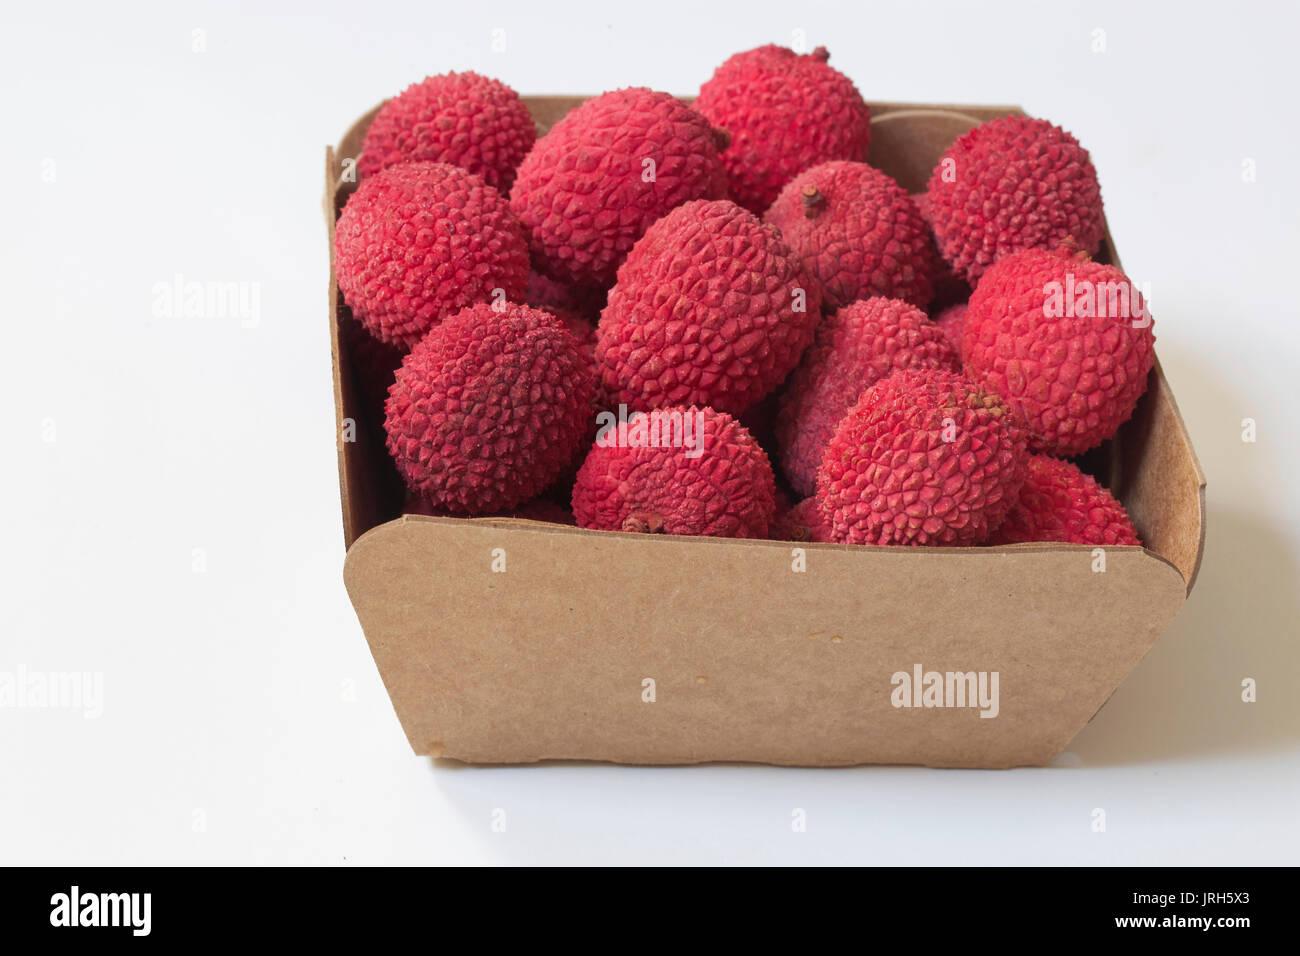 Lychee Fruit - Stock Image